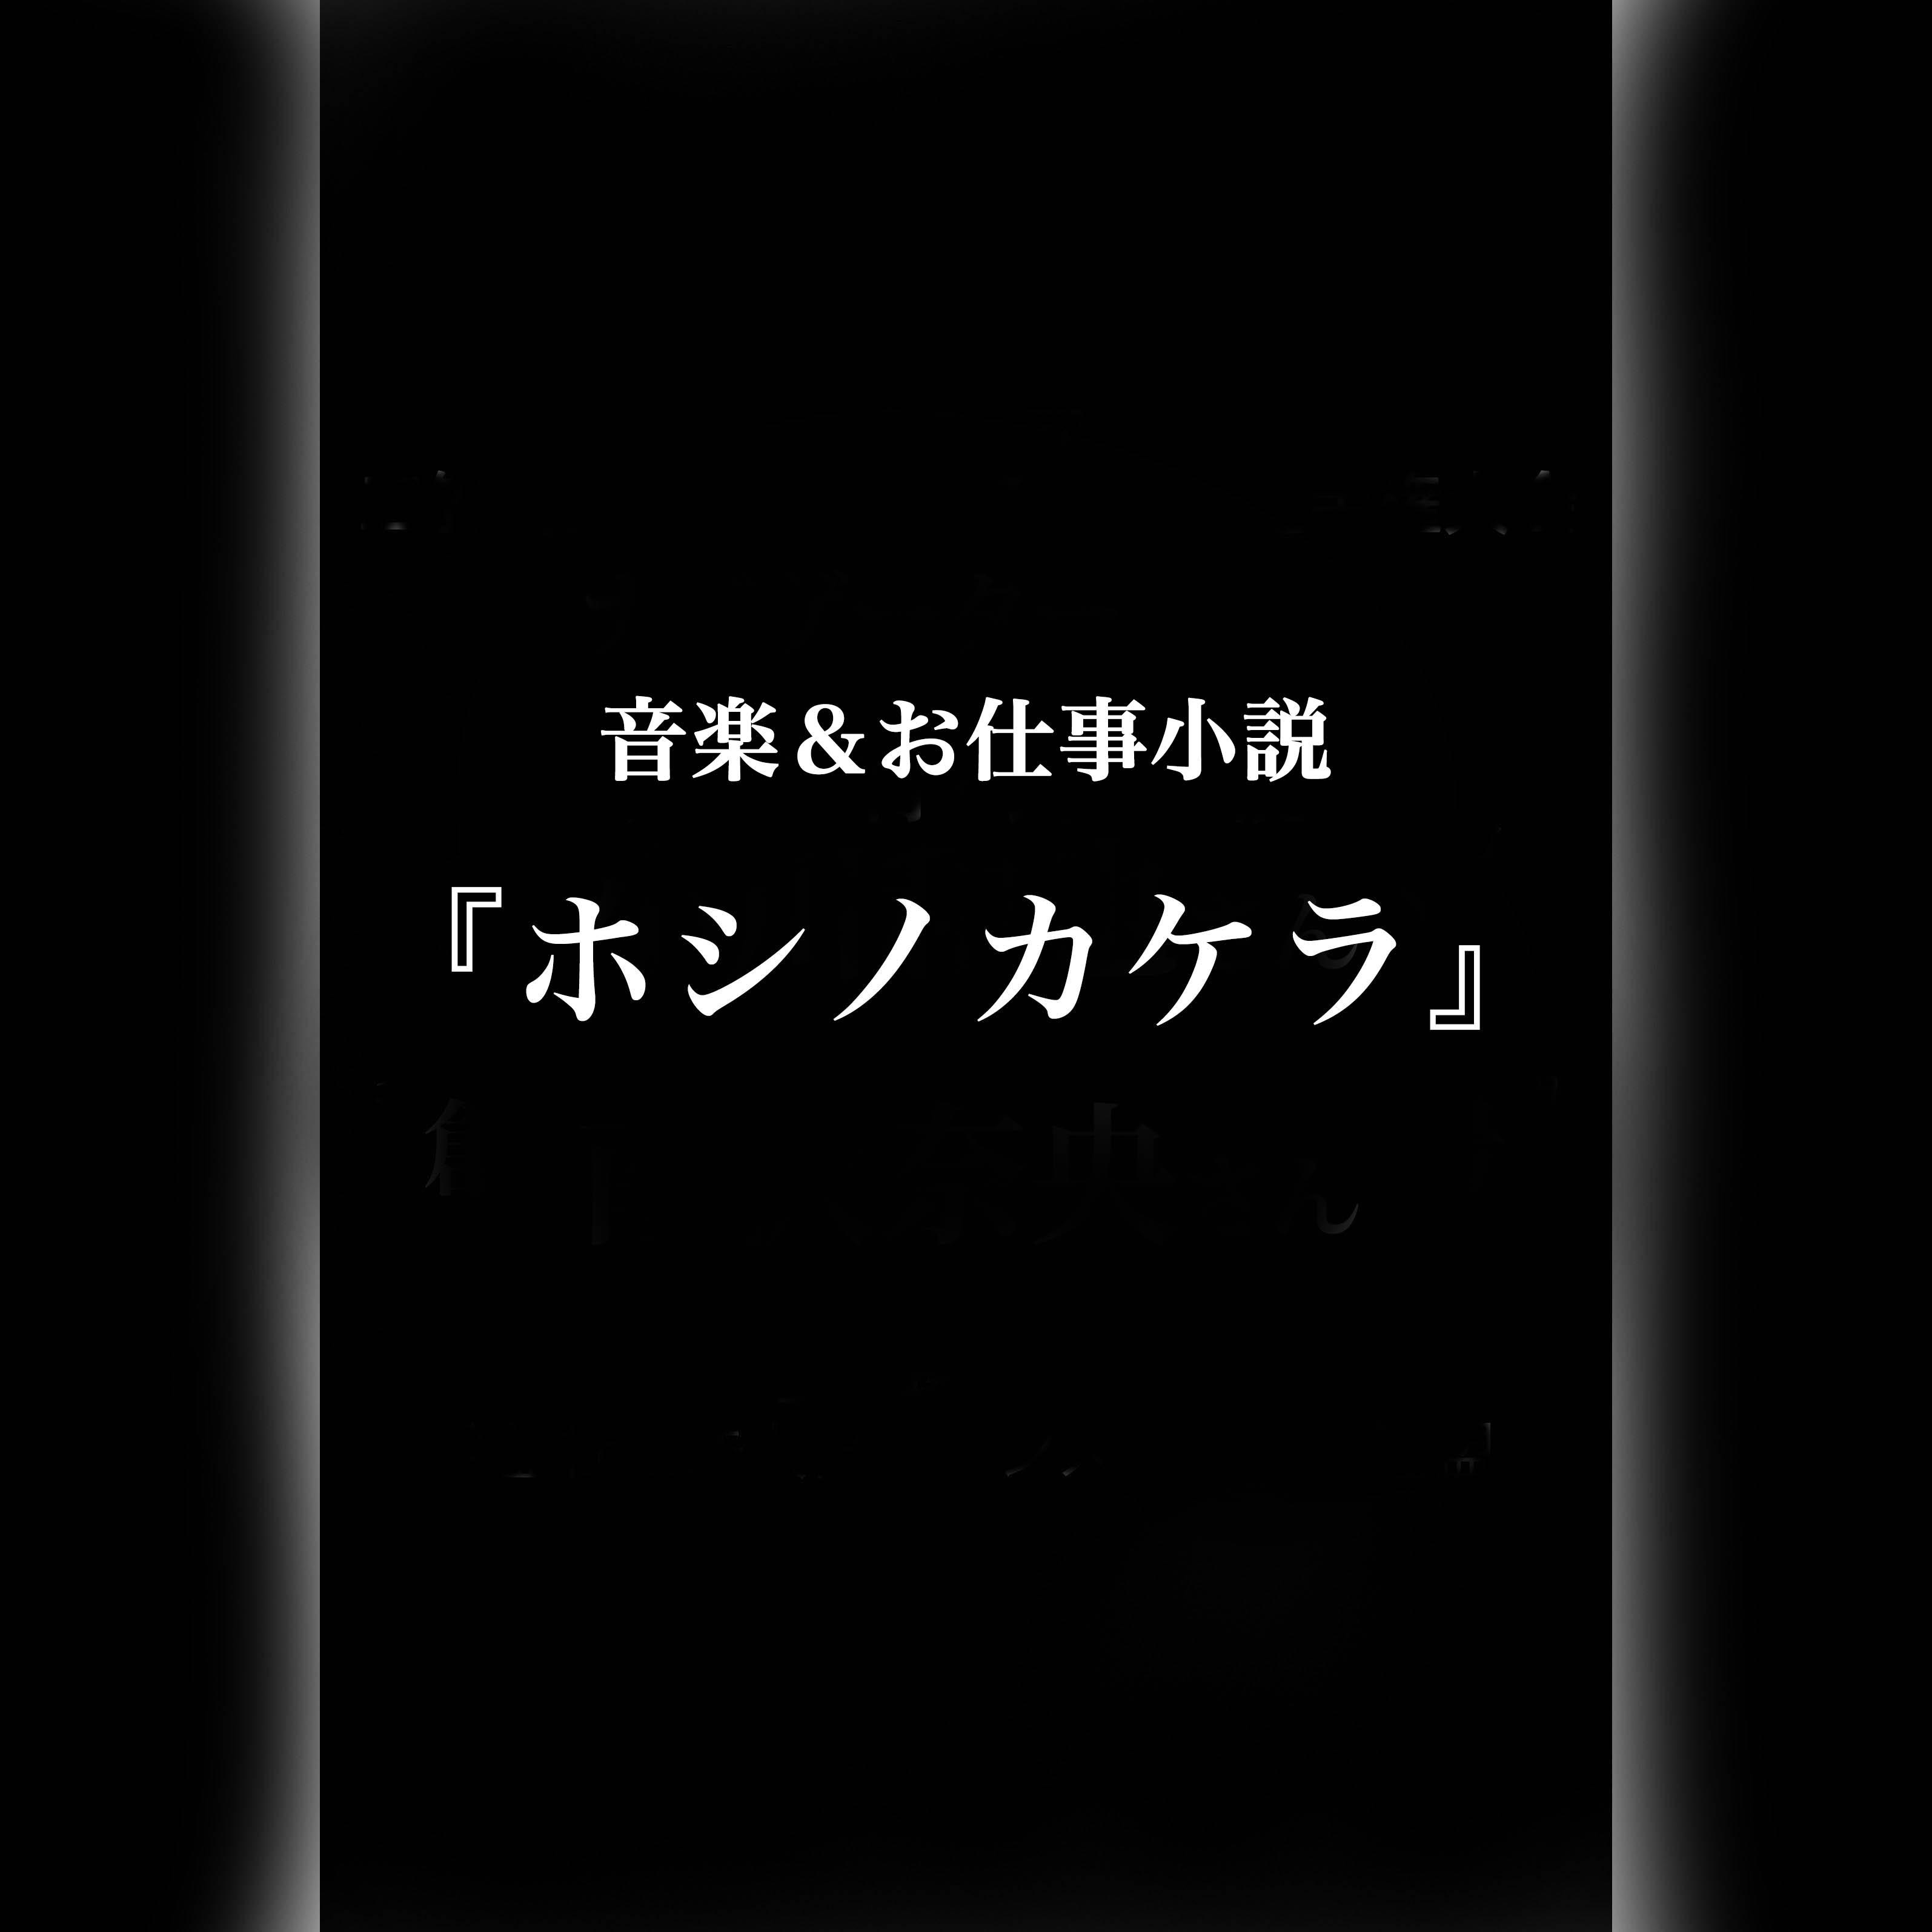 音楽&お仕事小説